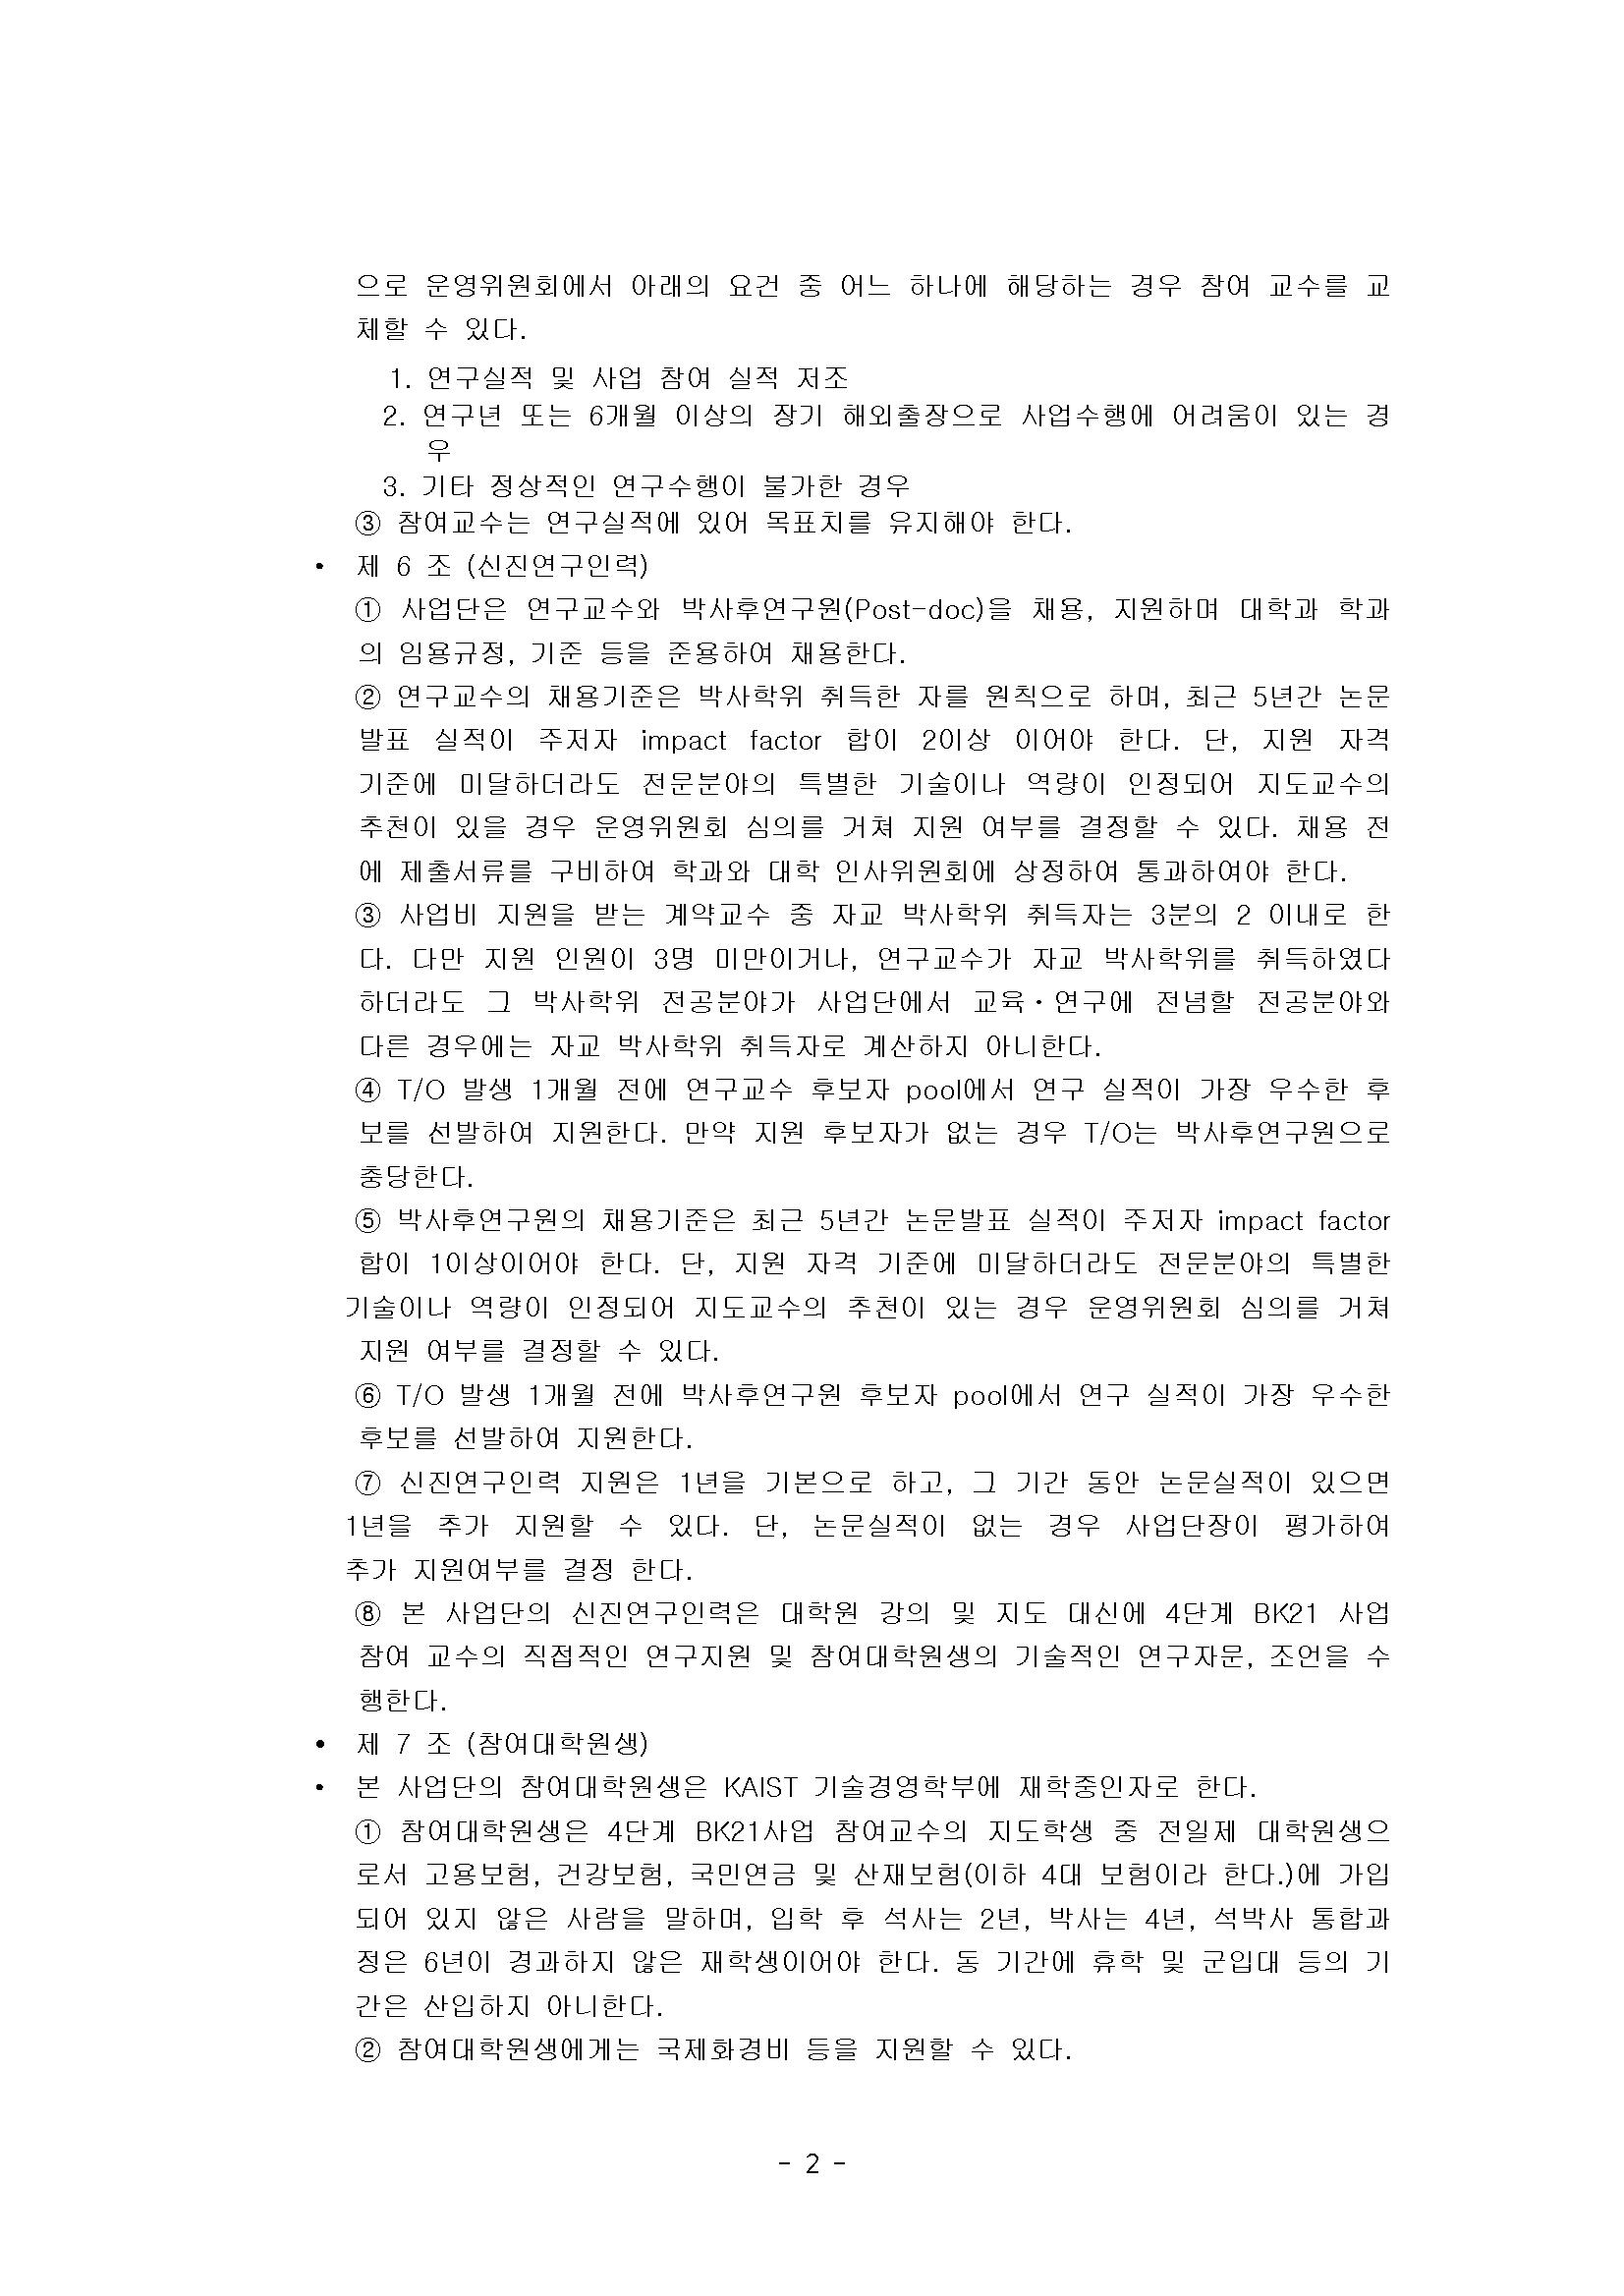 4단계 BK21 운영내규(21.04.27)_수정_페이지_2